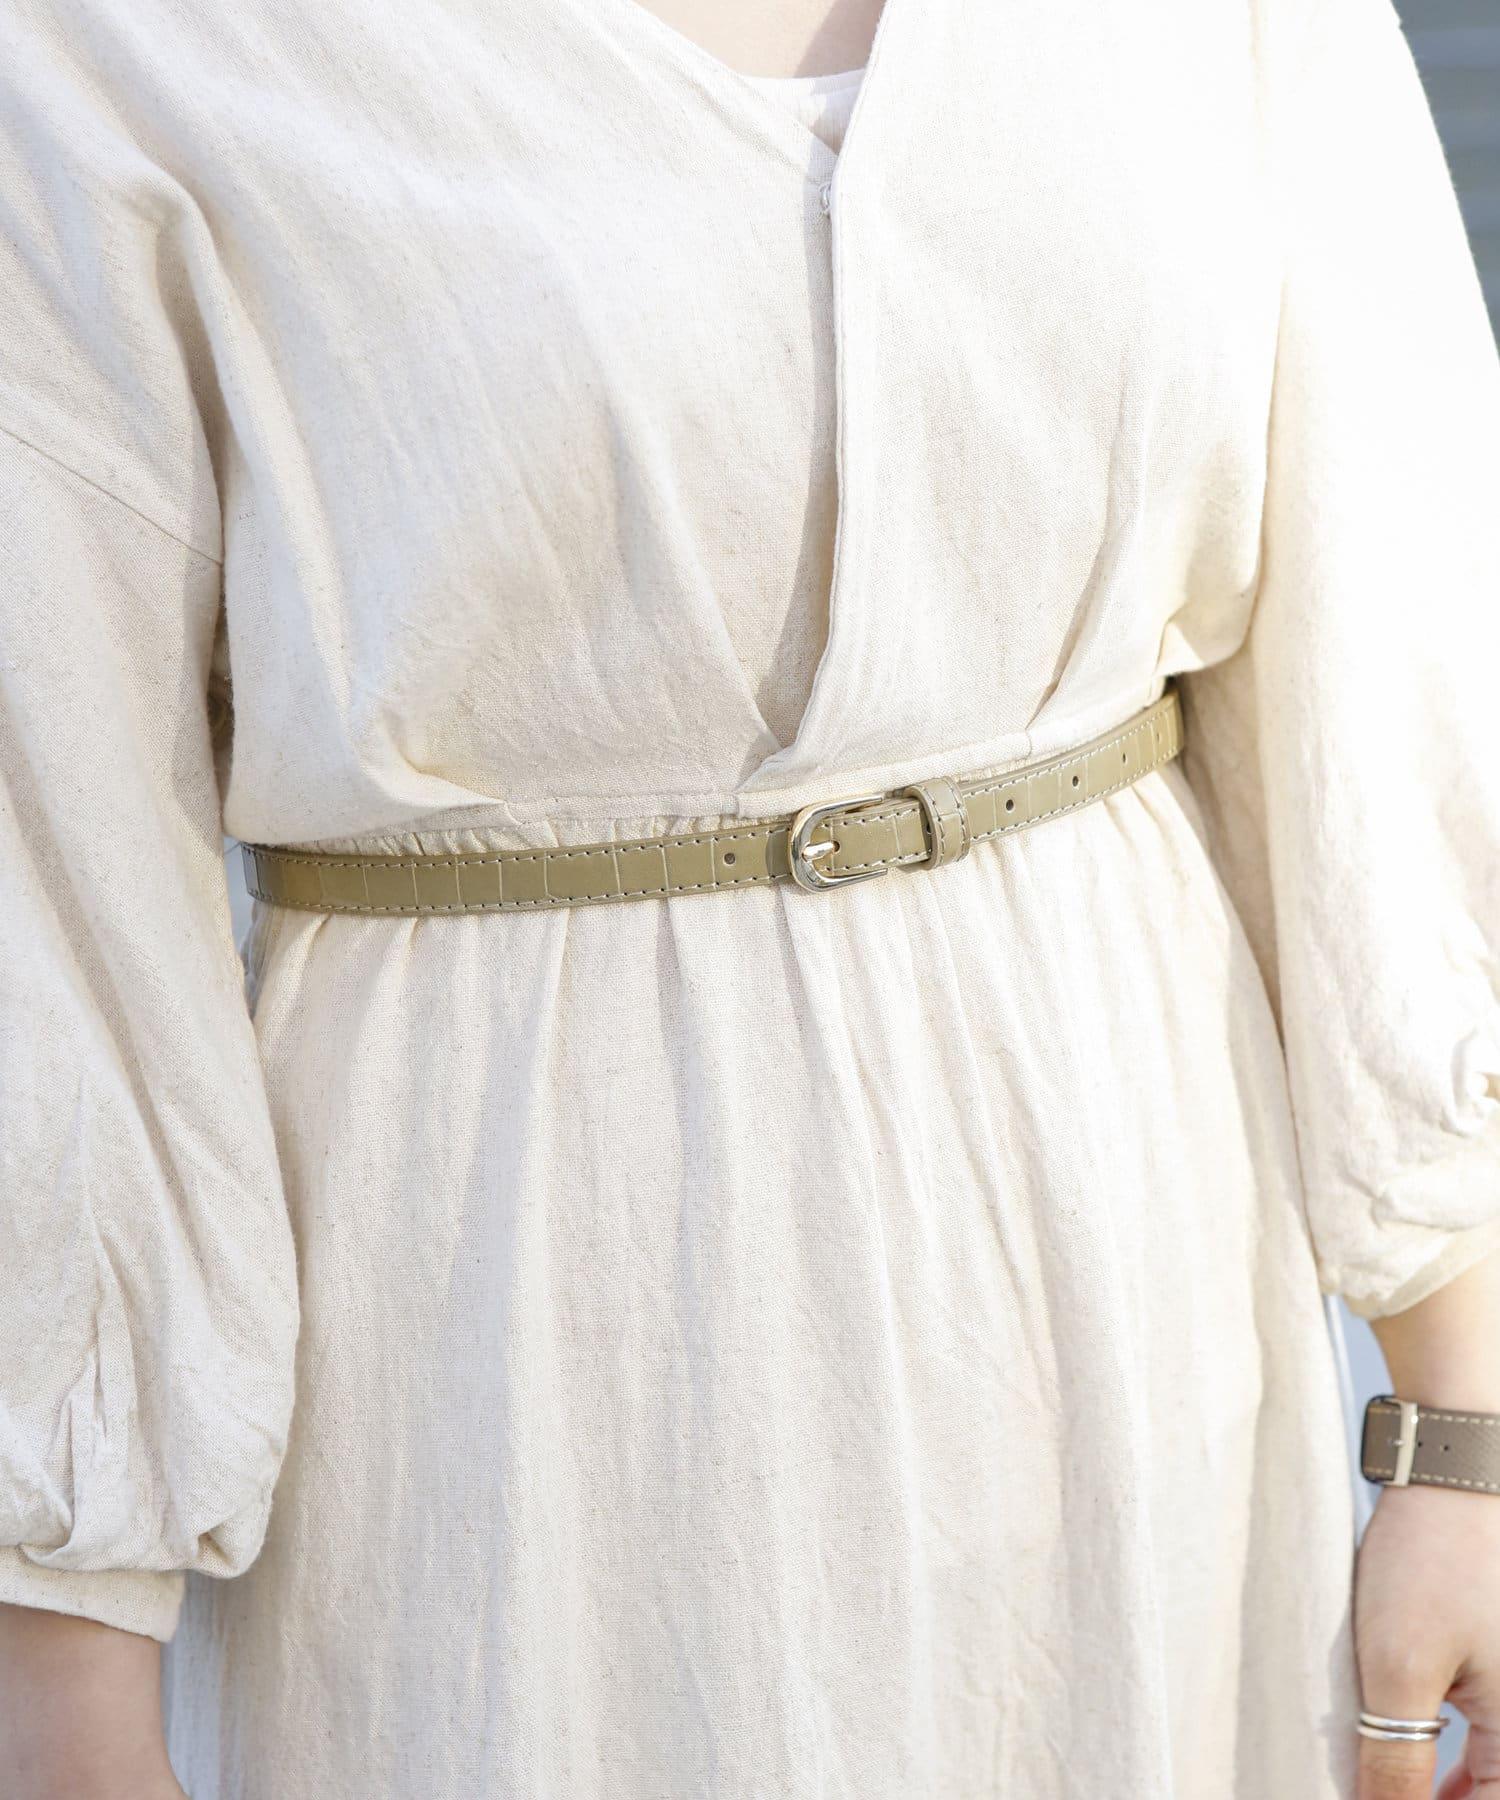 3COINS(スリーコインズ) ライフスタイル 【小物で彩る季節の装い】型おしベルト カーキ